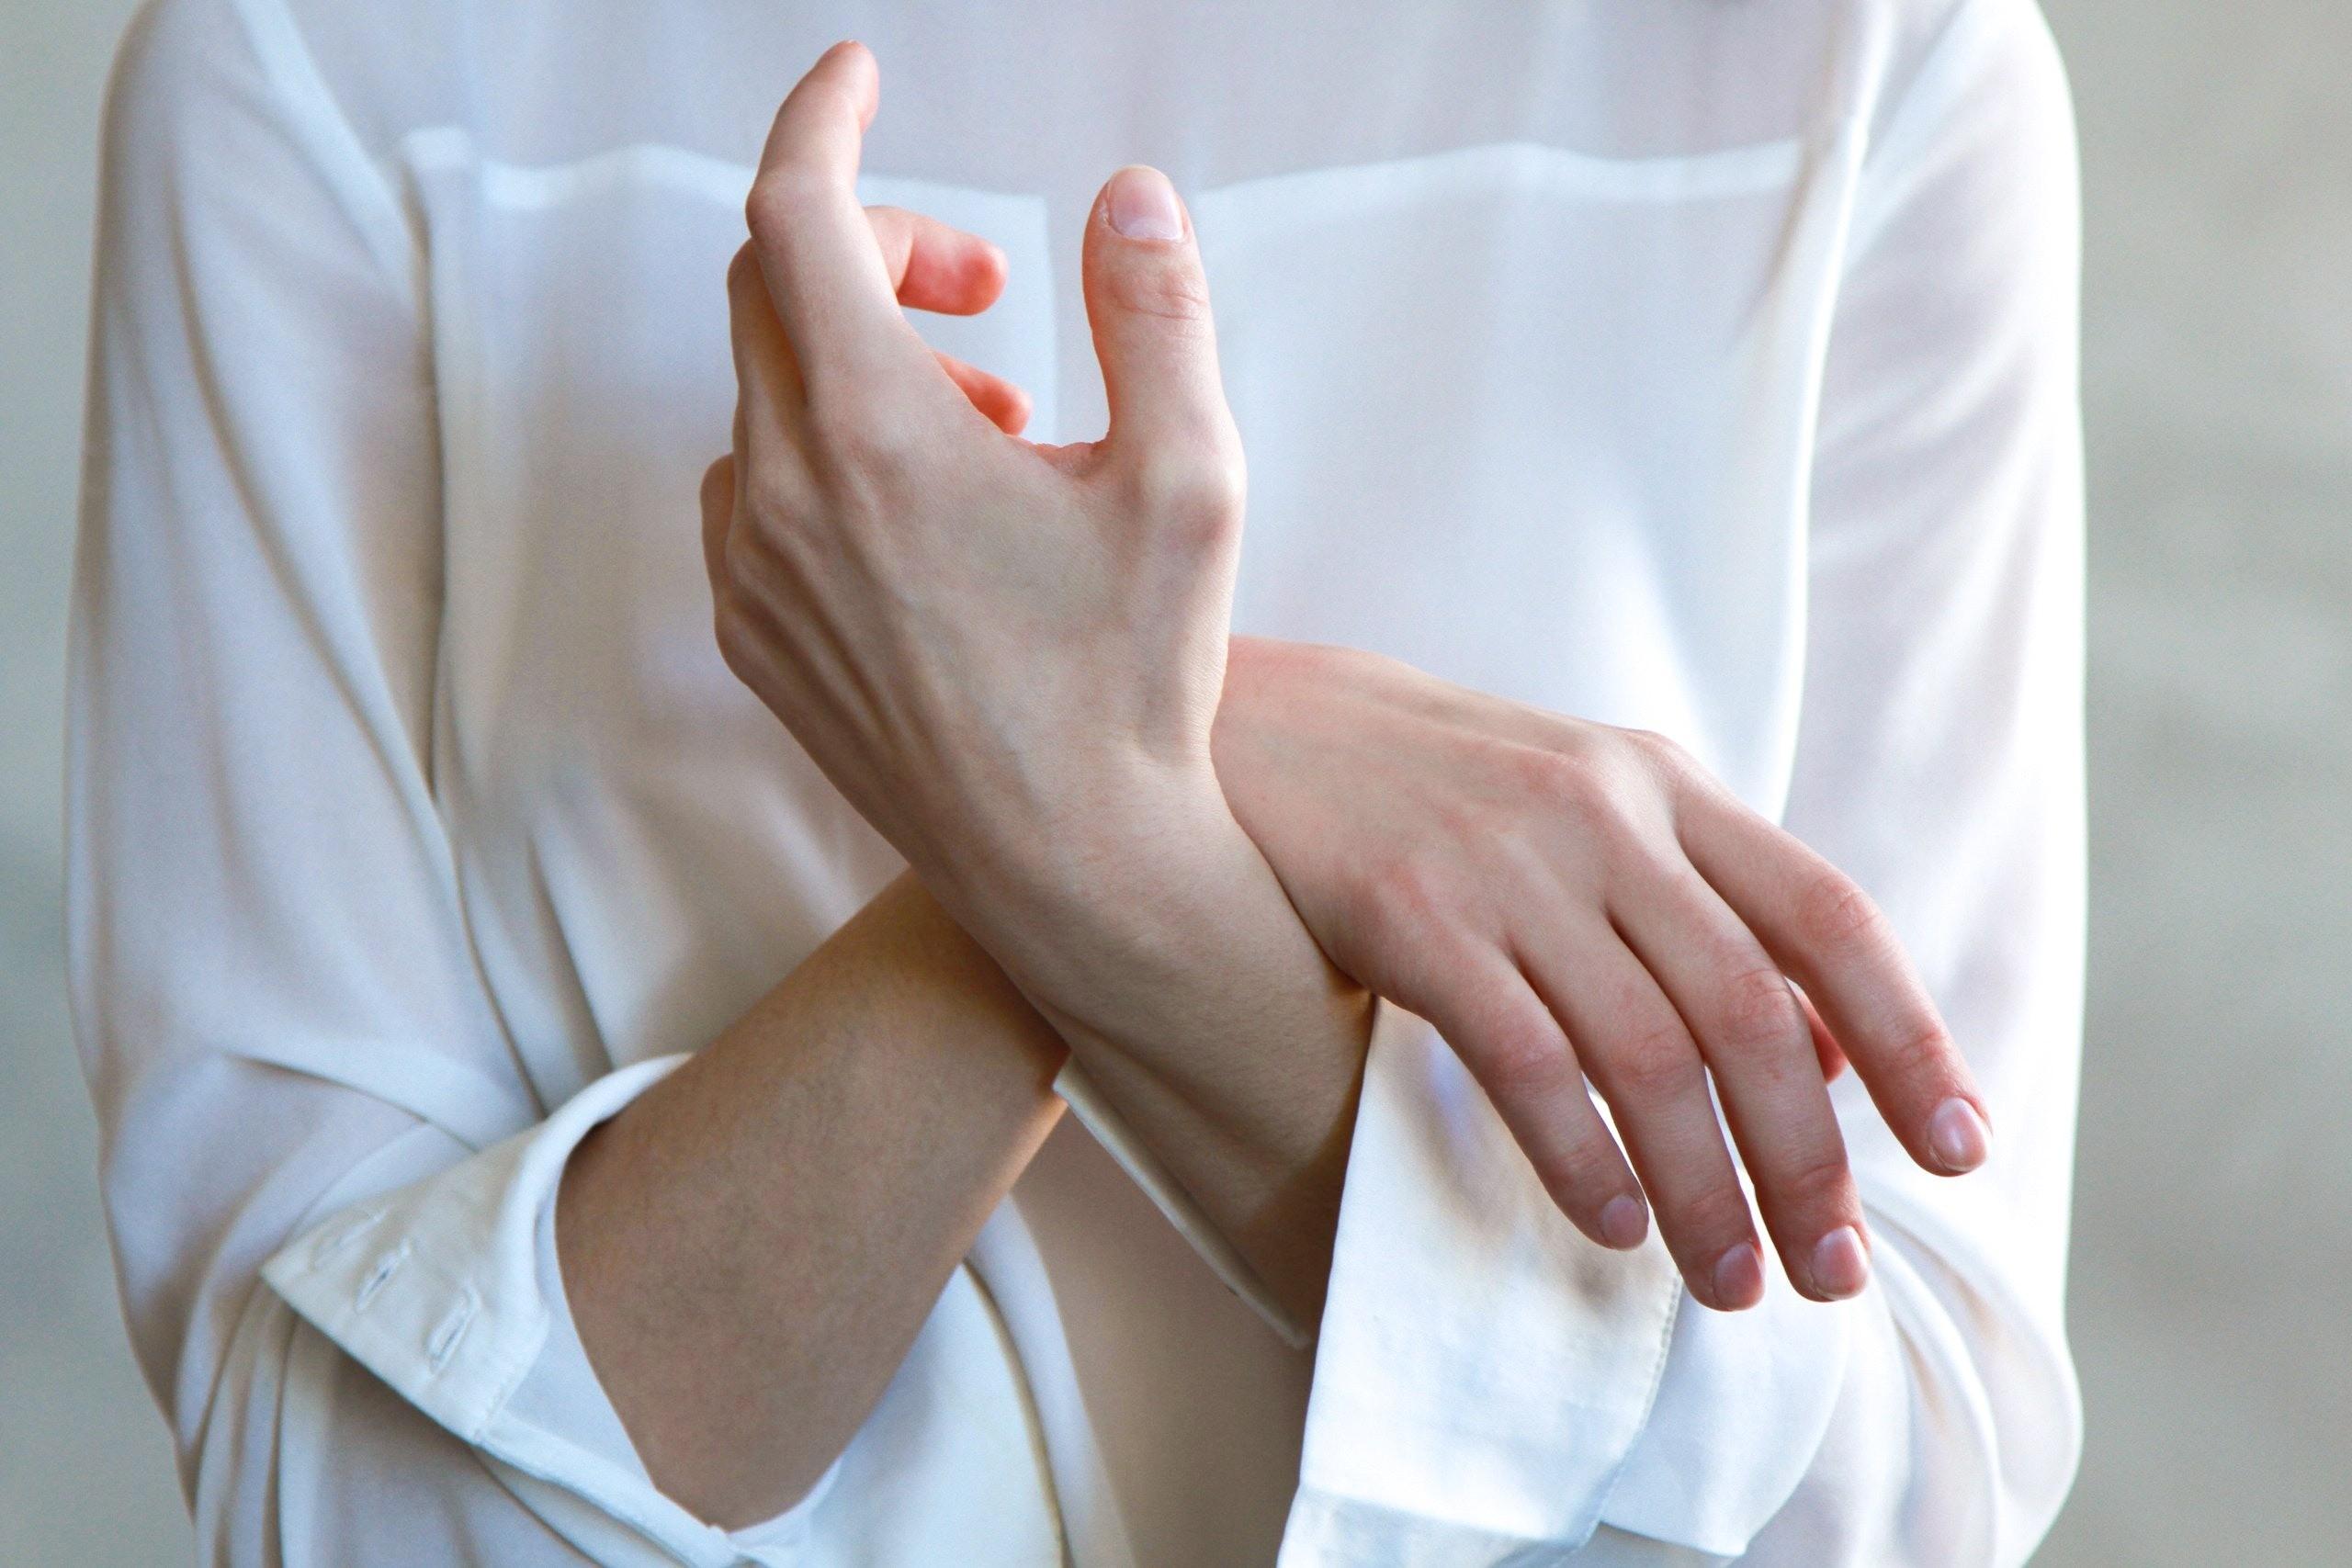 Артрит кистей и пальцев рук: симптомы и лечение